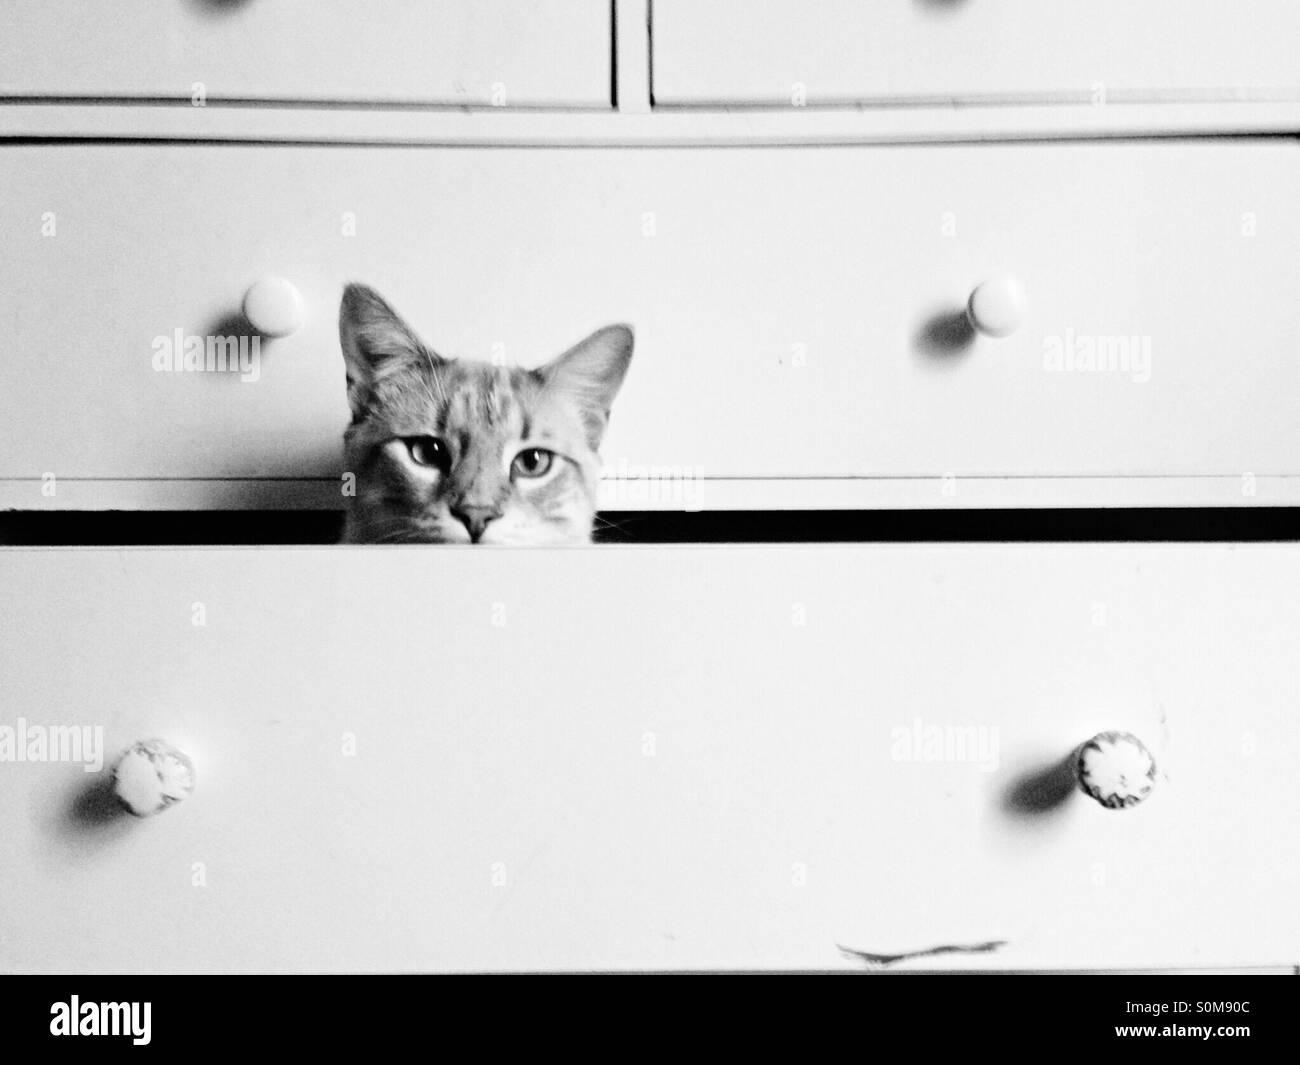 Katze in einigen leeren Kommode Schubladen versteckt. Stockbild